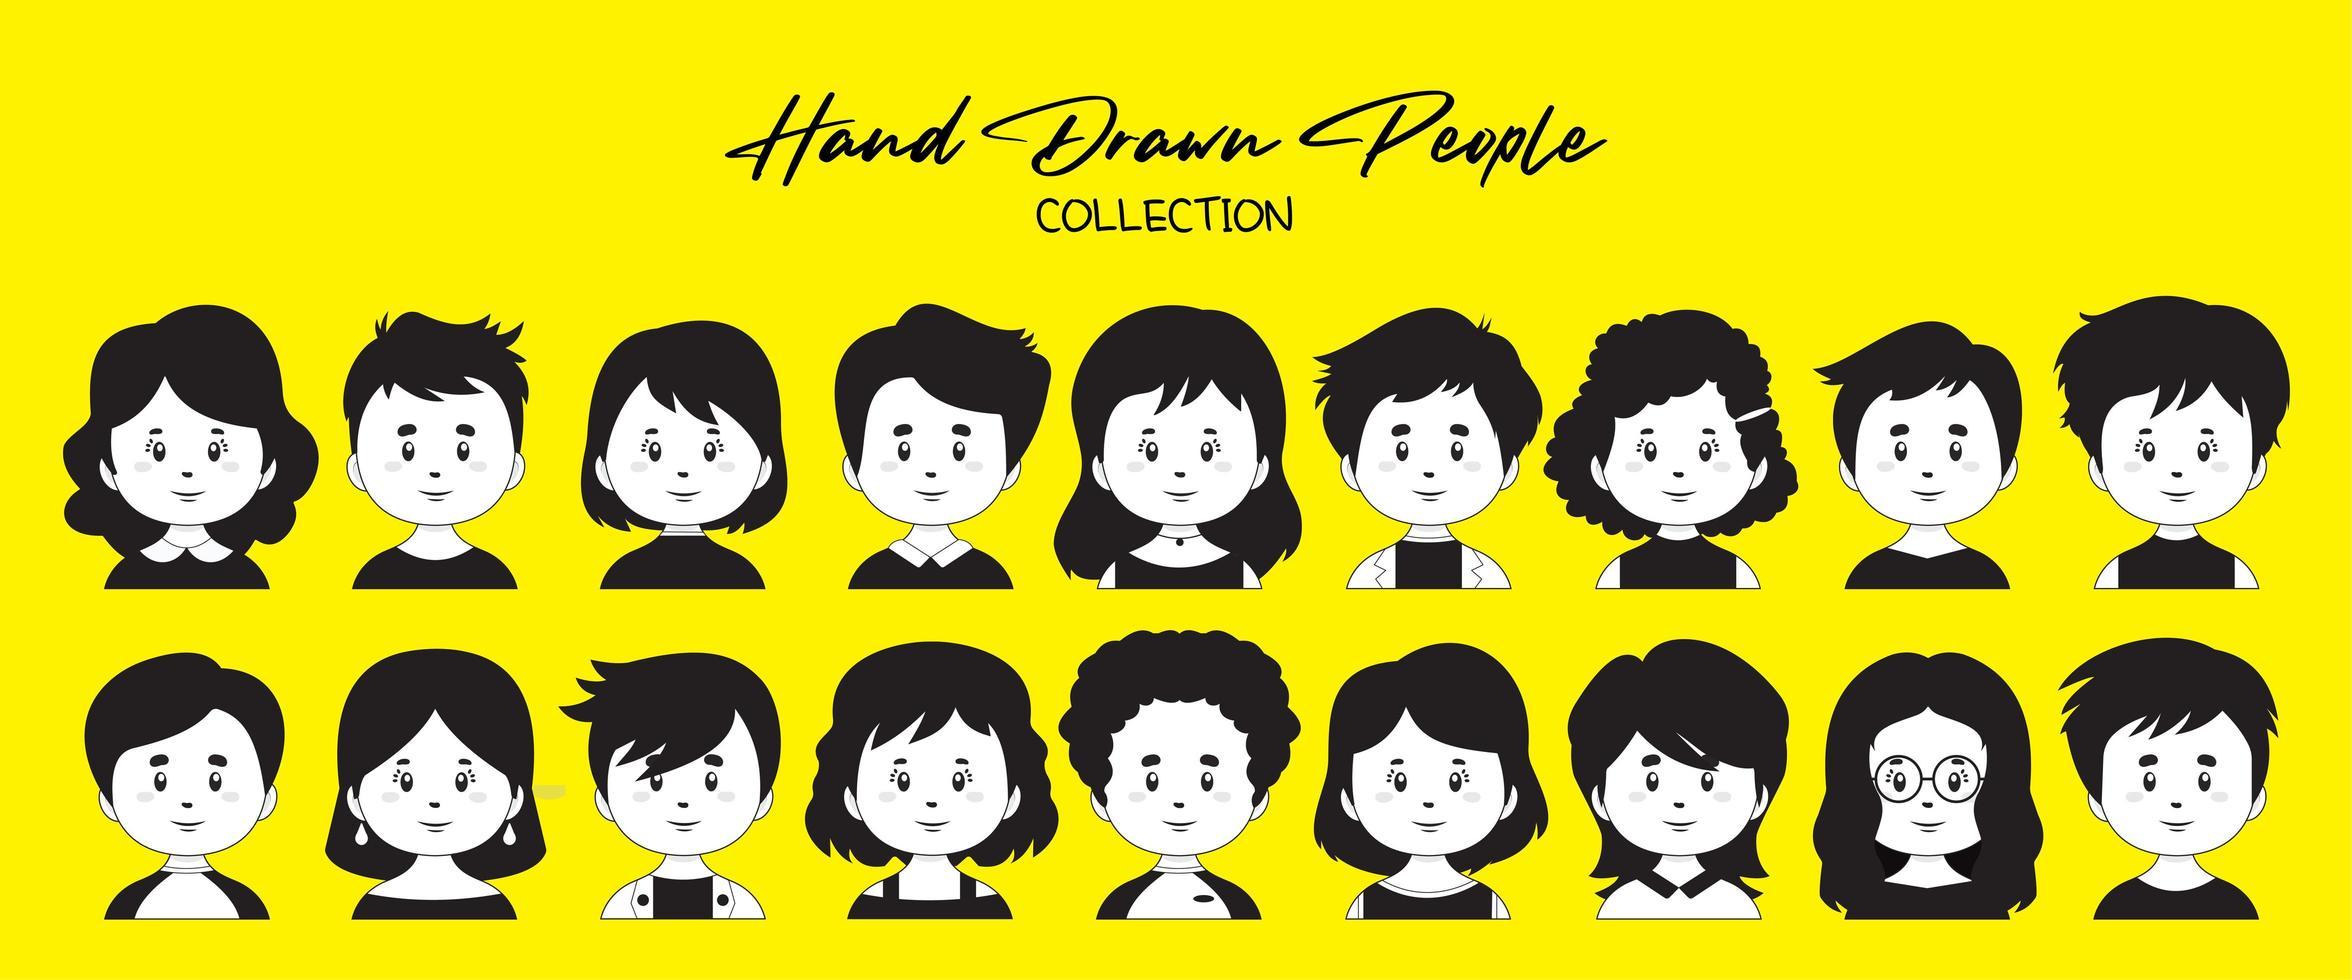 un ensemble d'avatars de personnes dessinées à la main vecteur